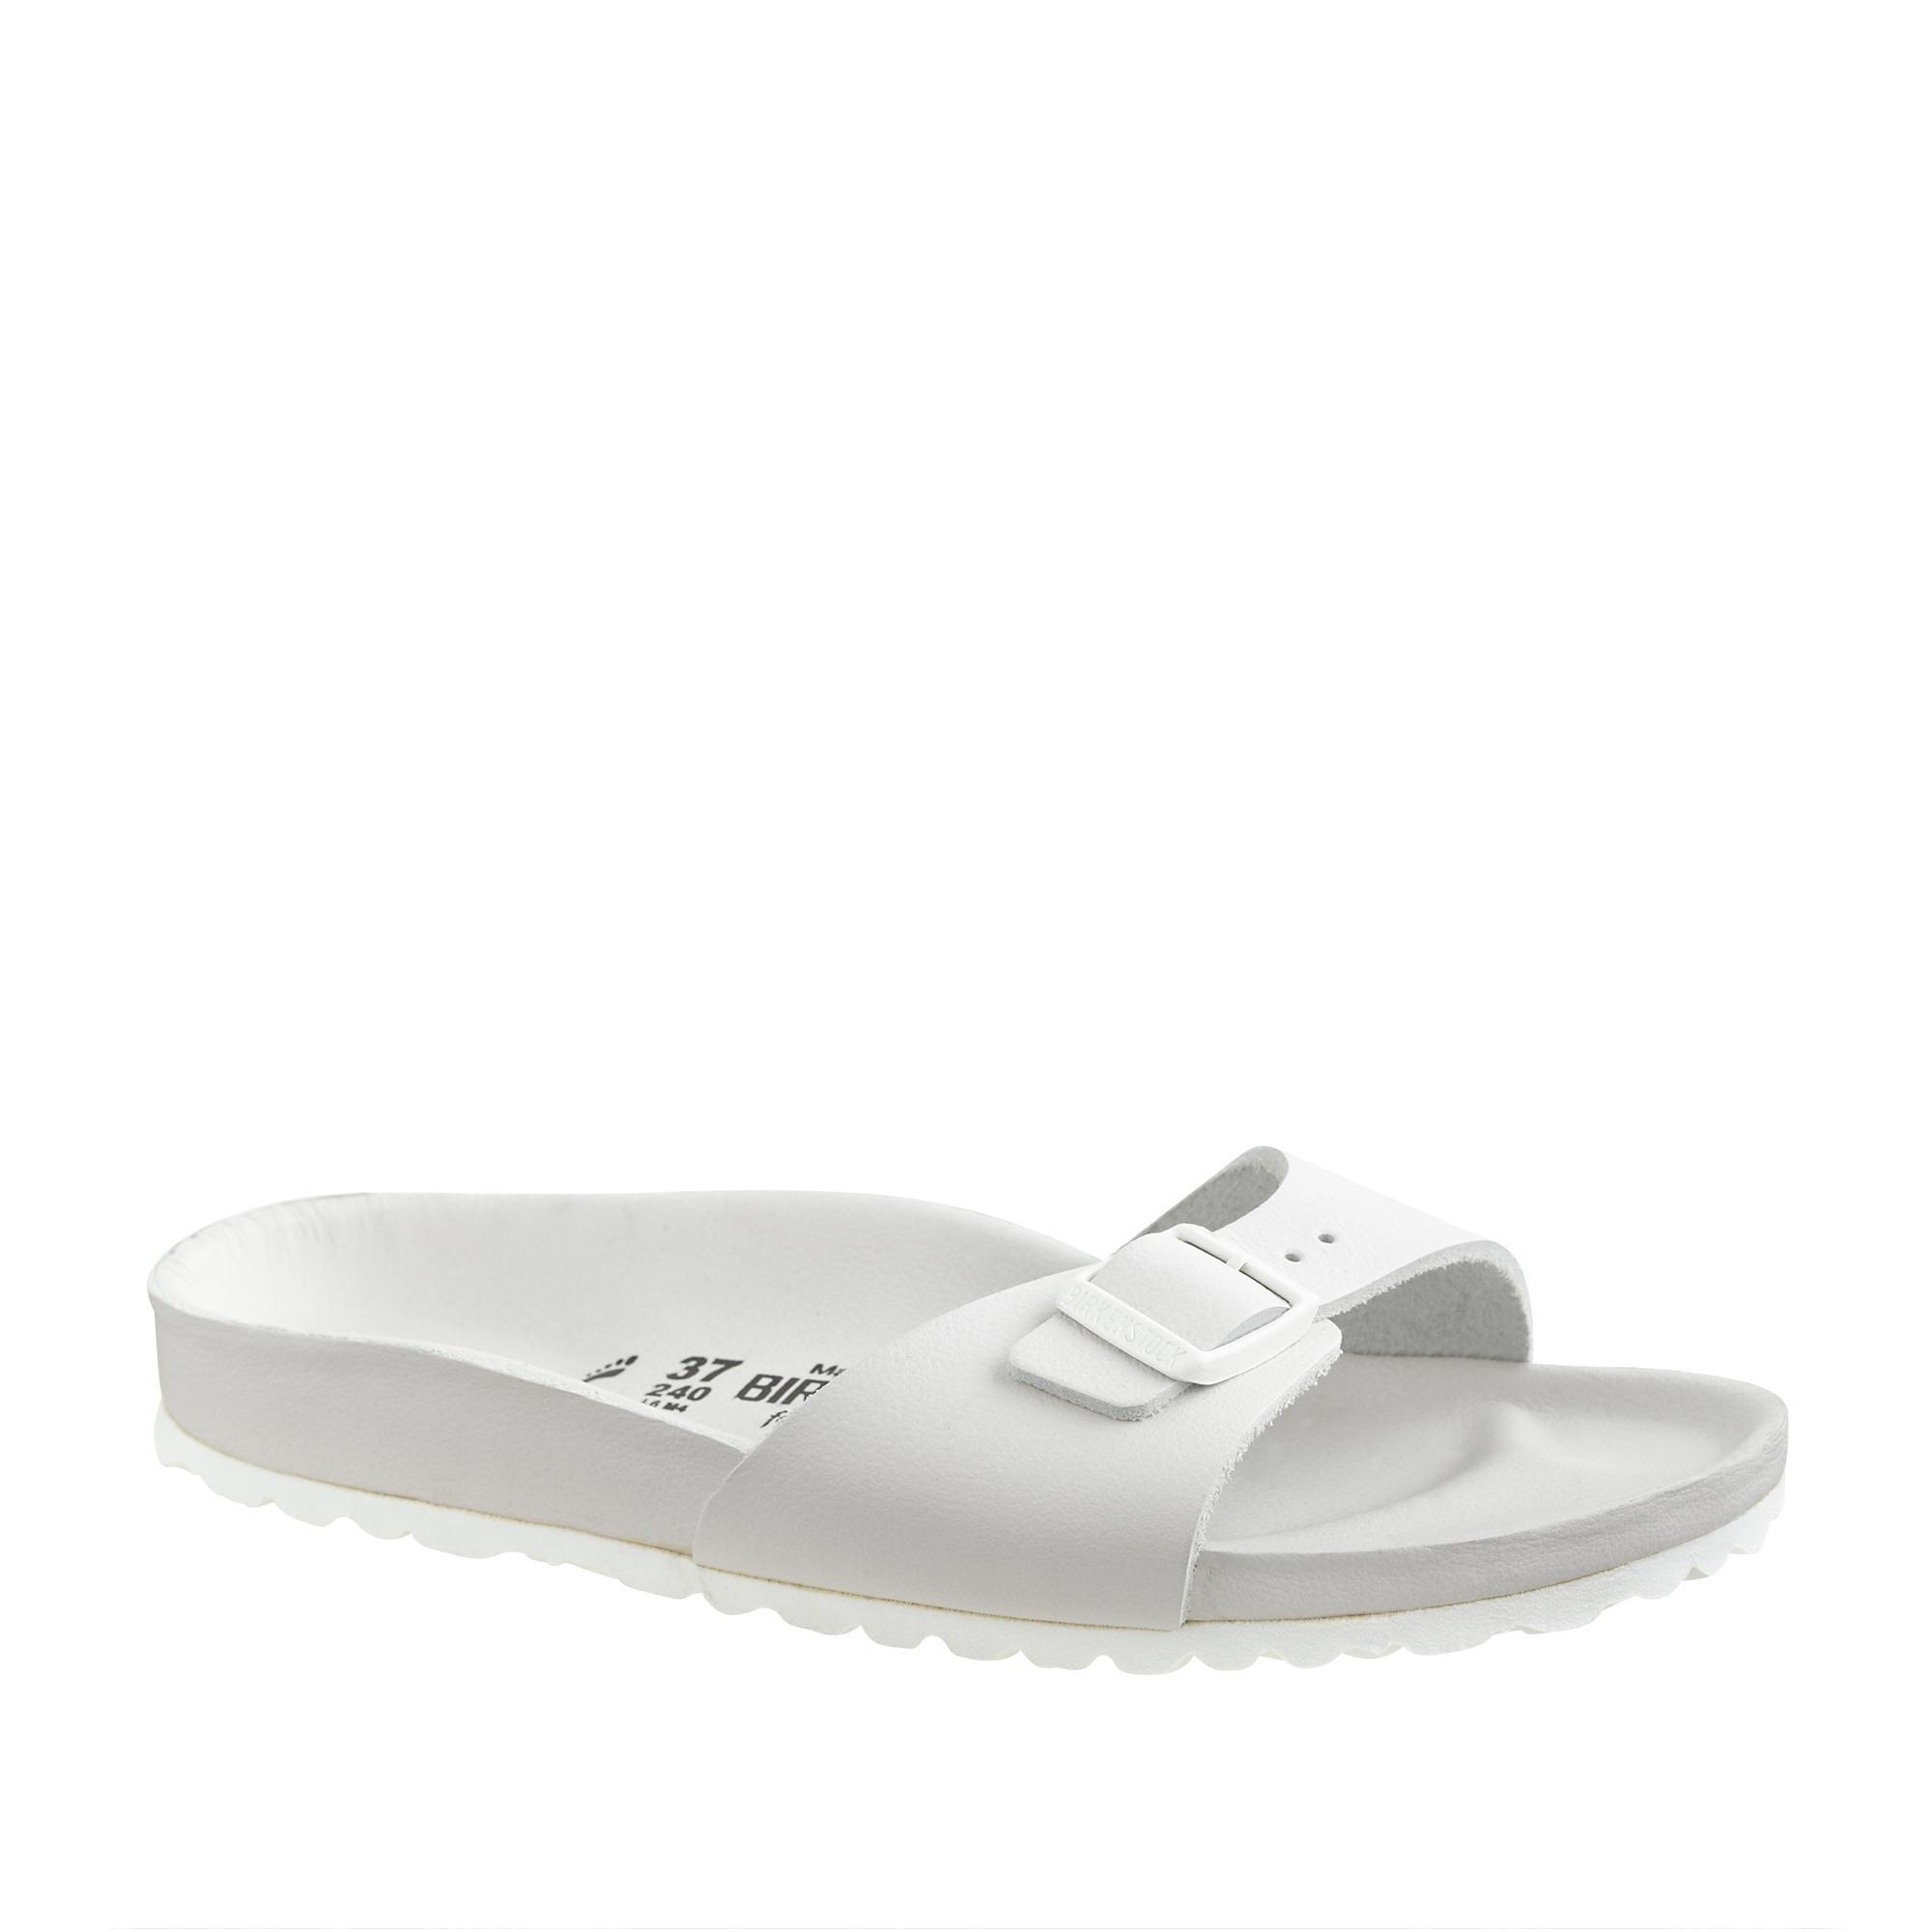 7561ddd47b5 Lyst - J.Crew Women s Birkenstock Madrid Exquisite Sandals in White